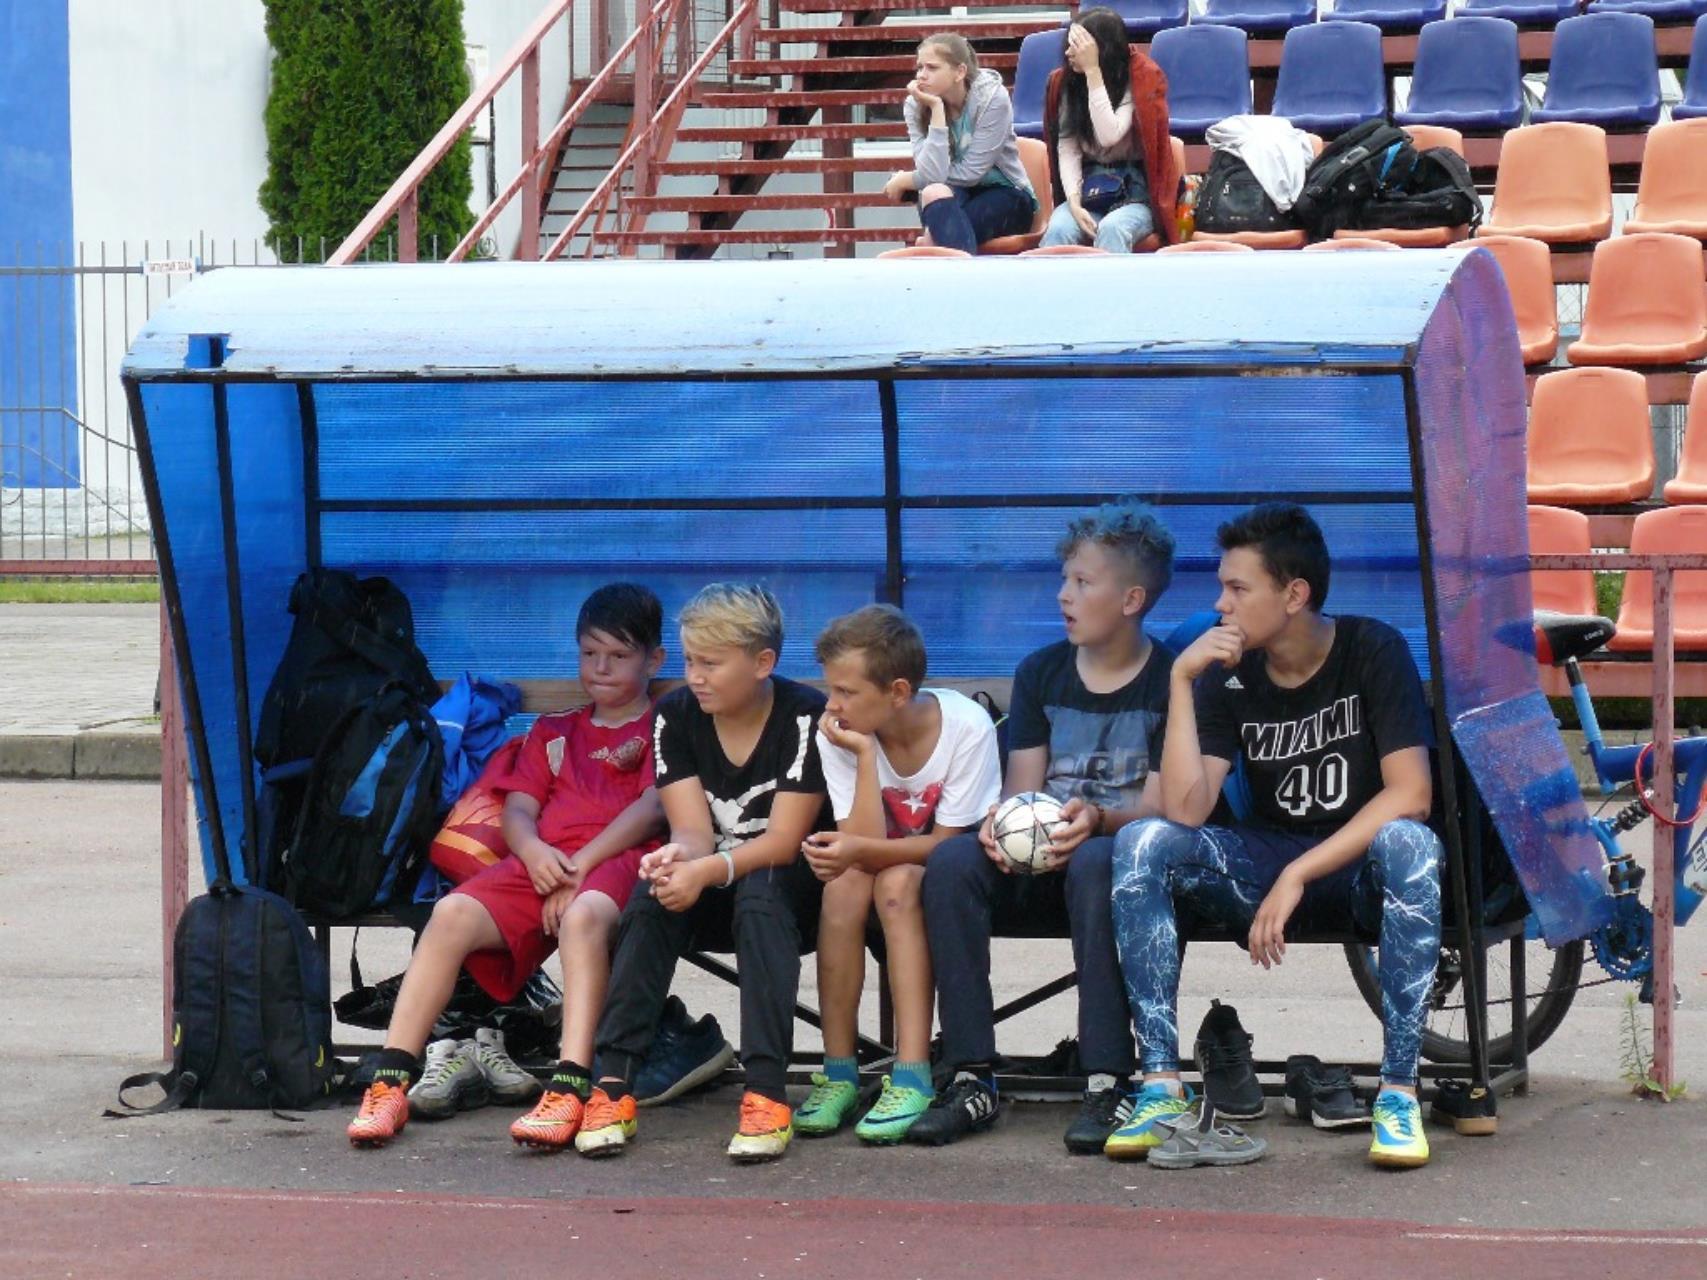 Спорт в Клинцах станет массовым, его развитие будет идти беспрерывно. Реконструкция стадиона станет залогом этого